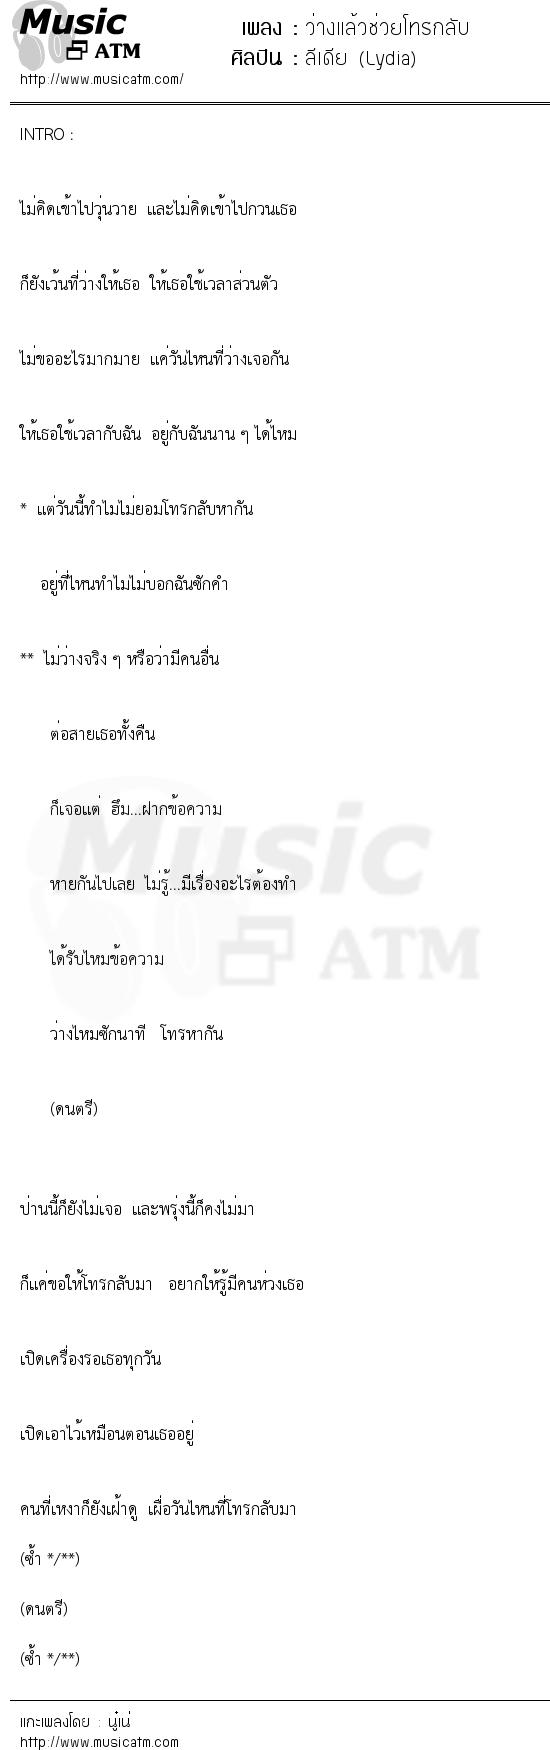 ว่างแล้วช่วยโทรกลับ | เพลงไทย